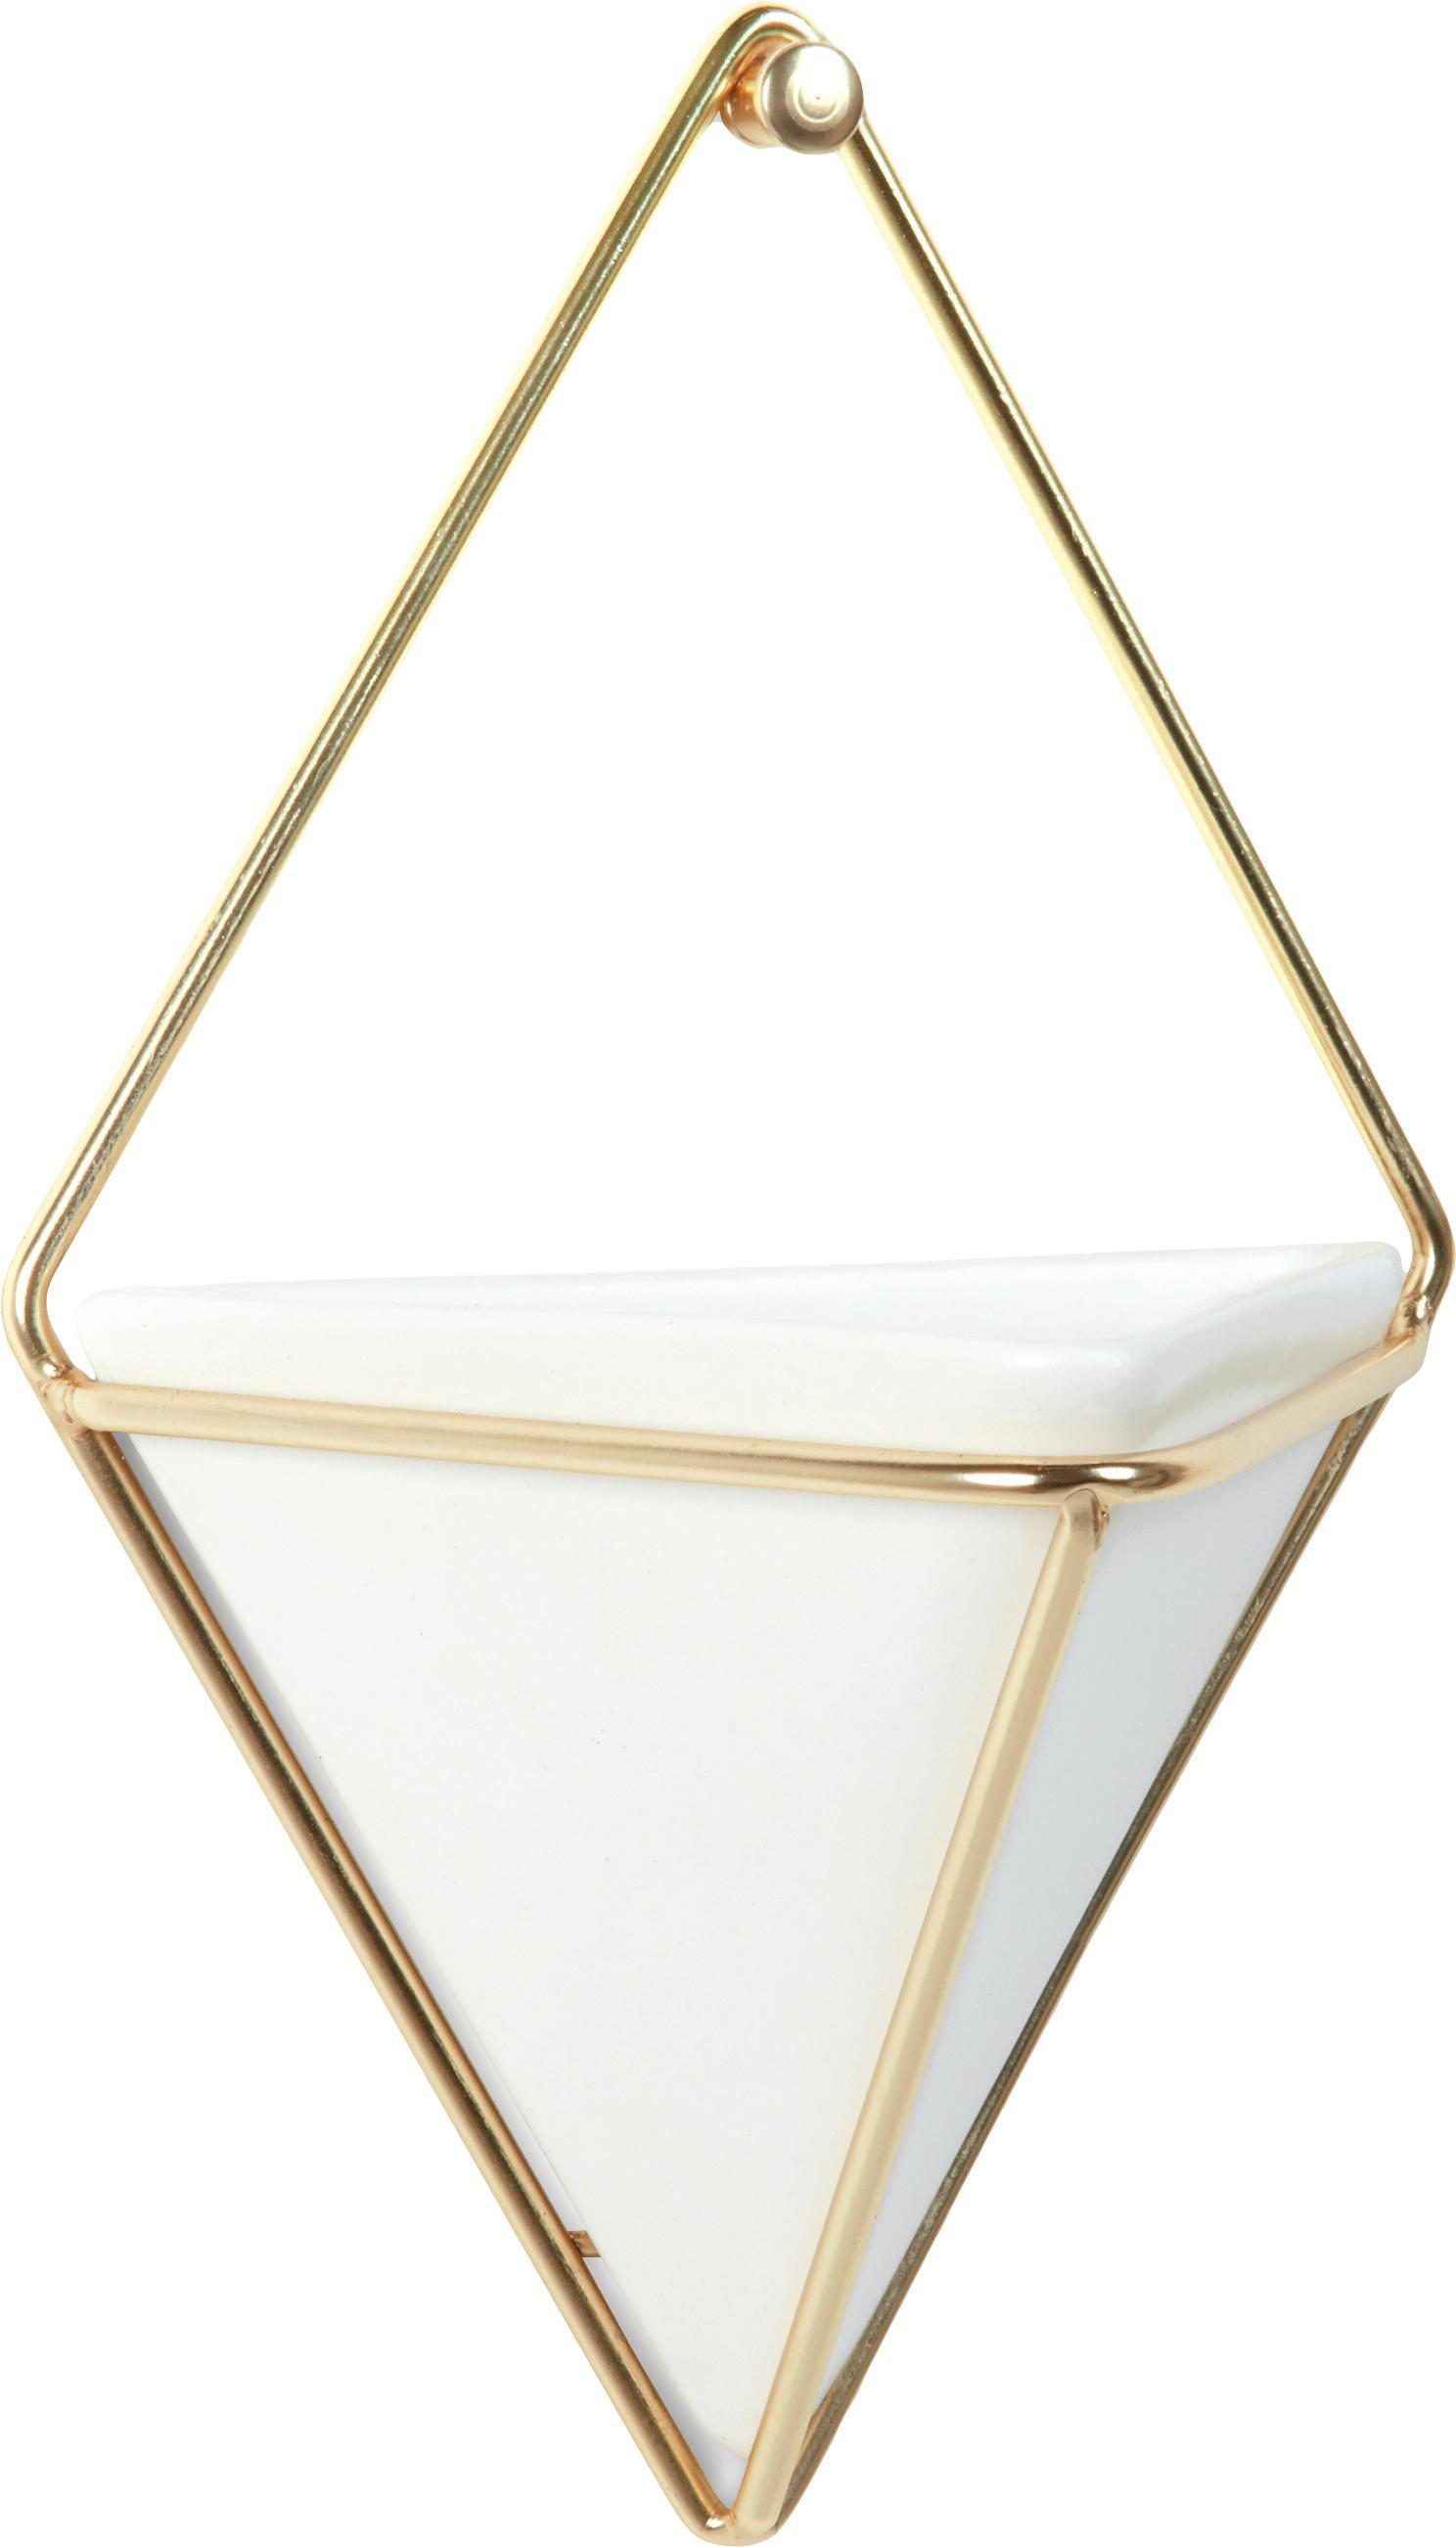 Dekoracja ścienna z pojemnikiem do przechowywania Trigg, 2 szt., Biały, mosiądz, matowy, S 11 x W 18 cm